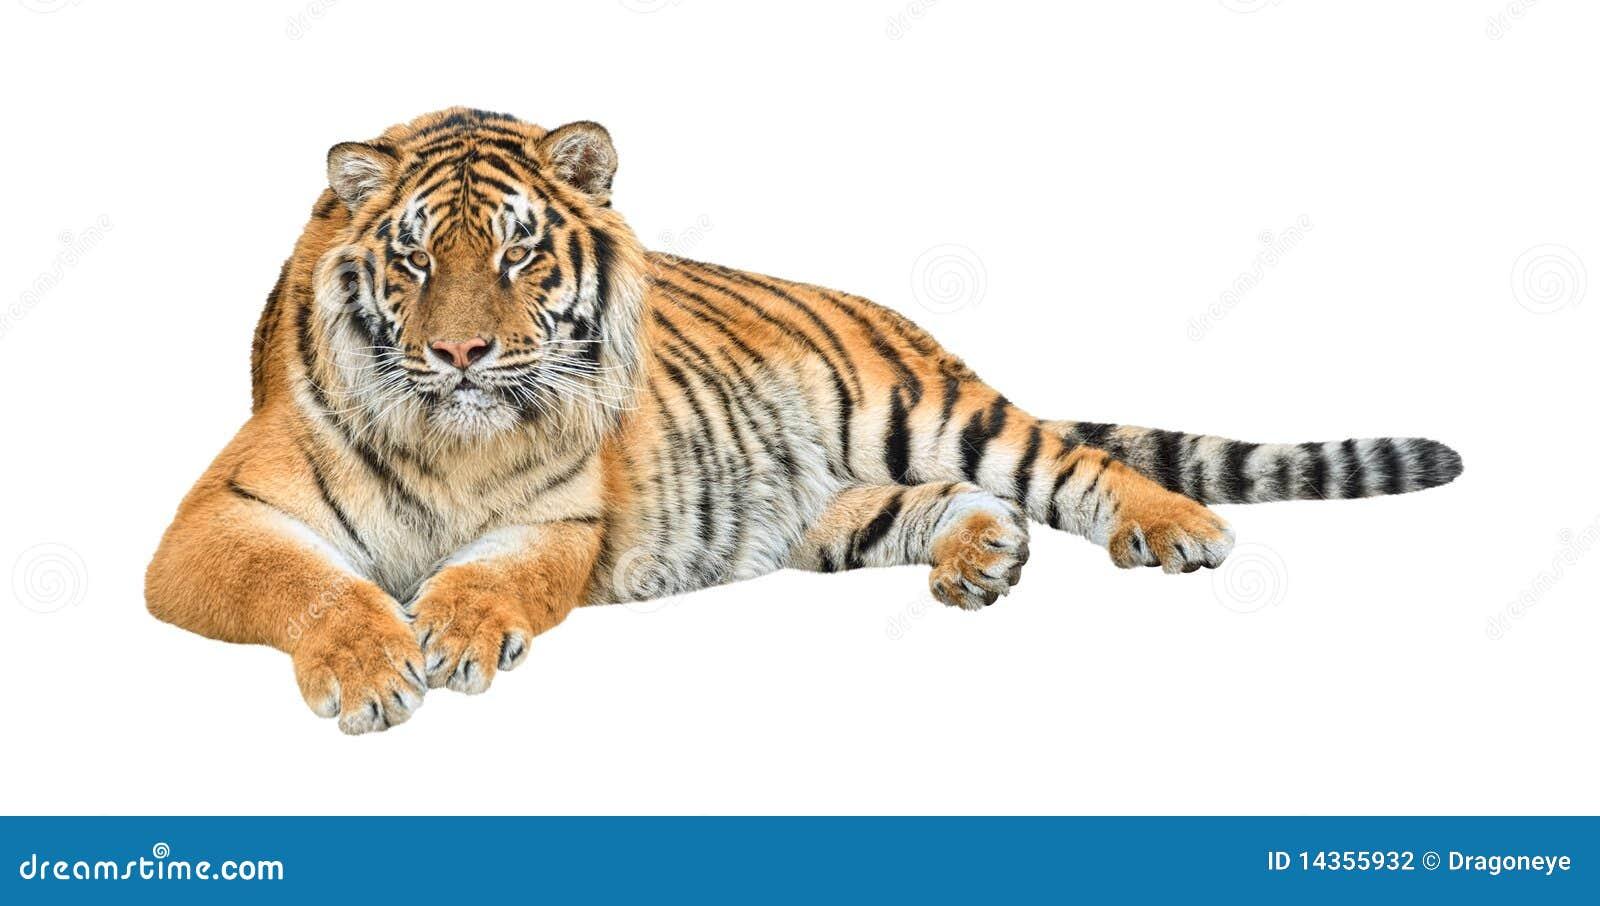 siberian tiger cutout stock photo 14355932 megapixl